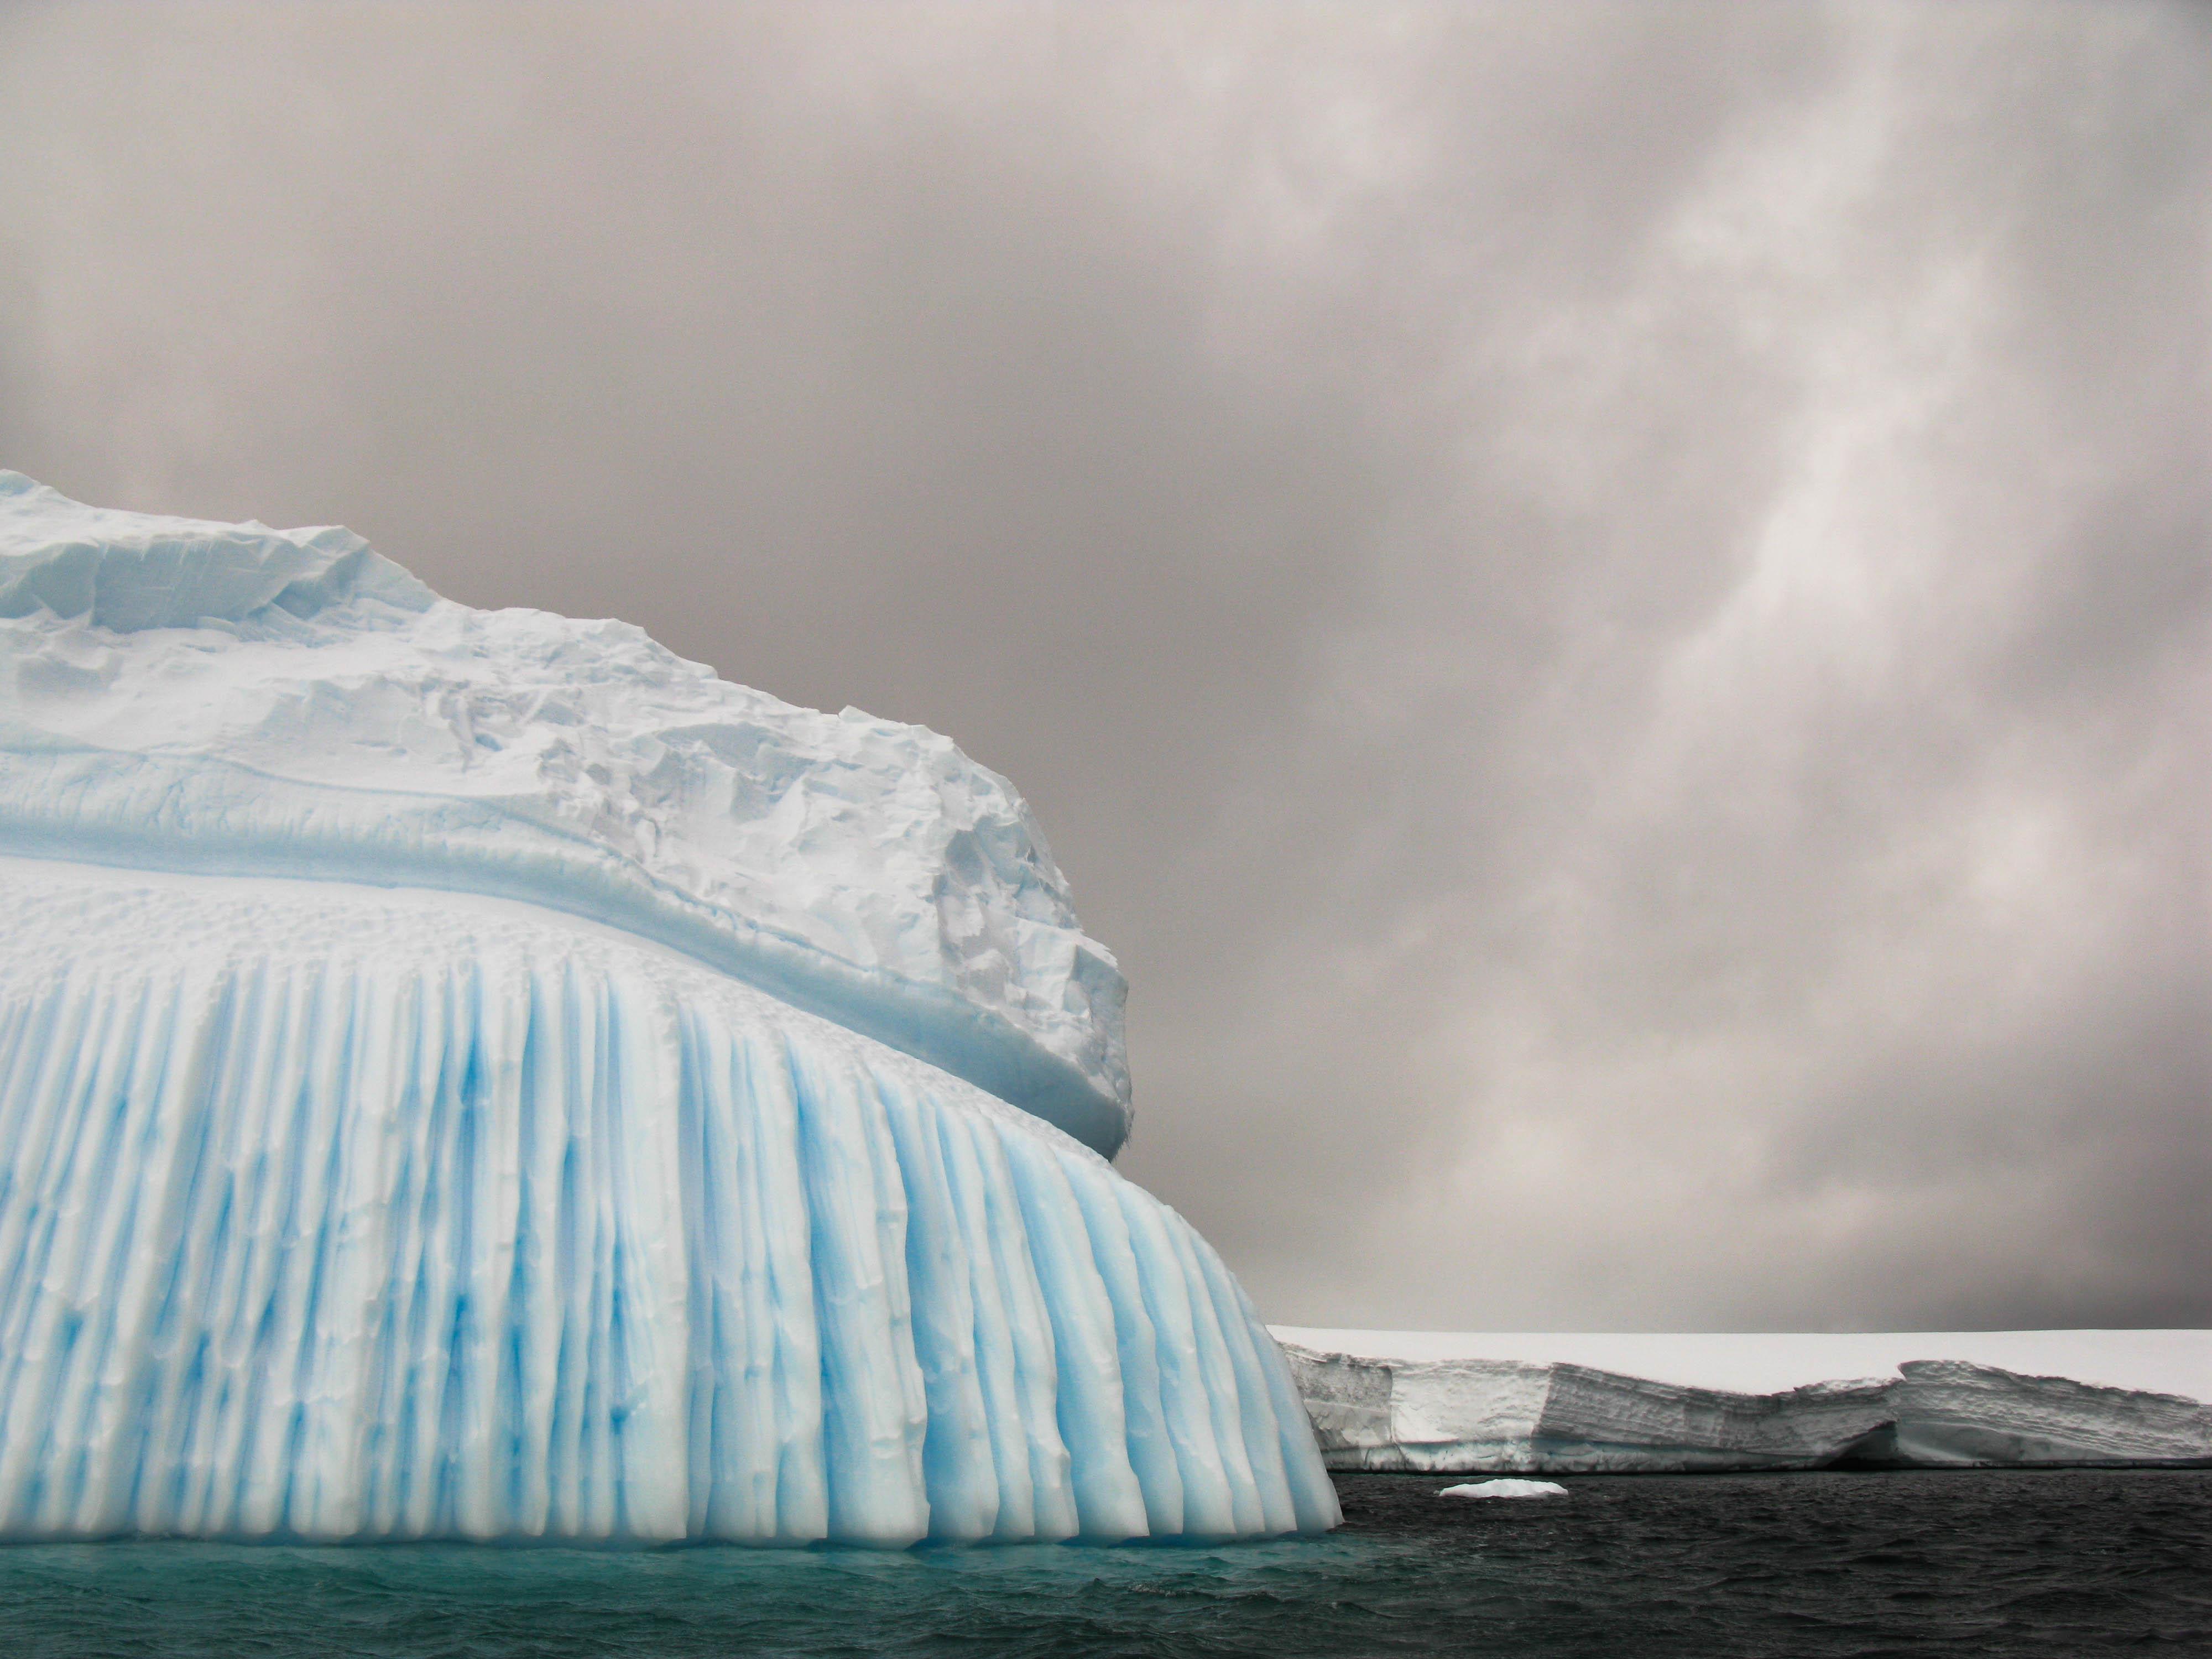 Wind-sculpted ice 2, Pléneau Island, Antarctica